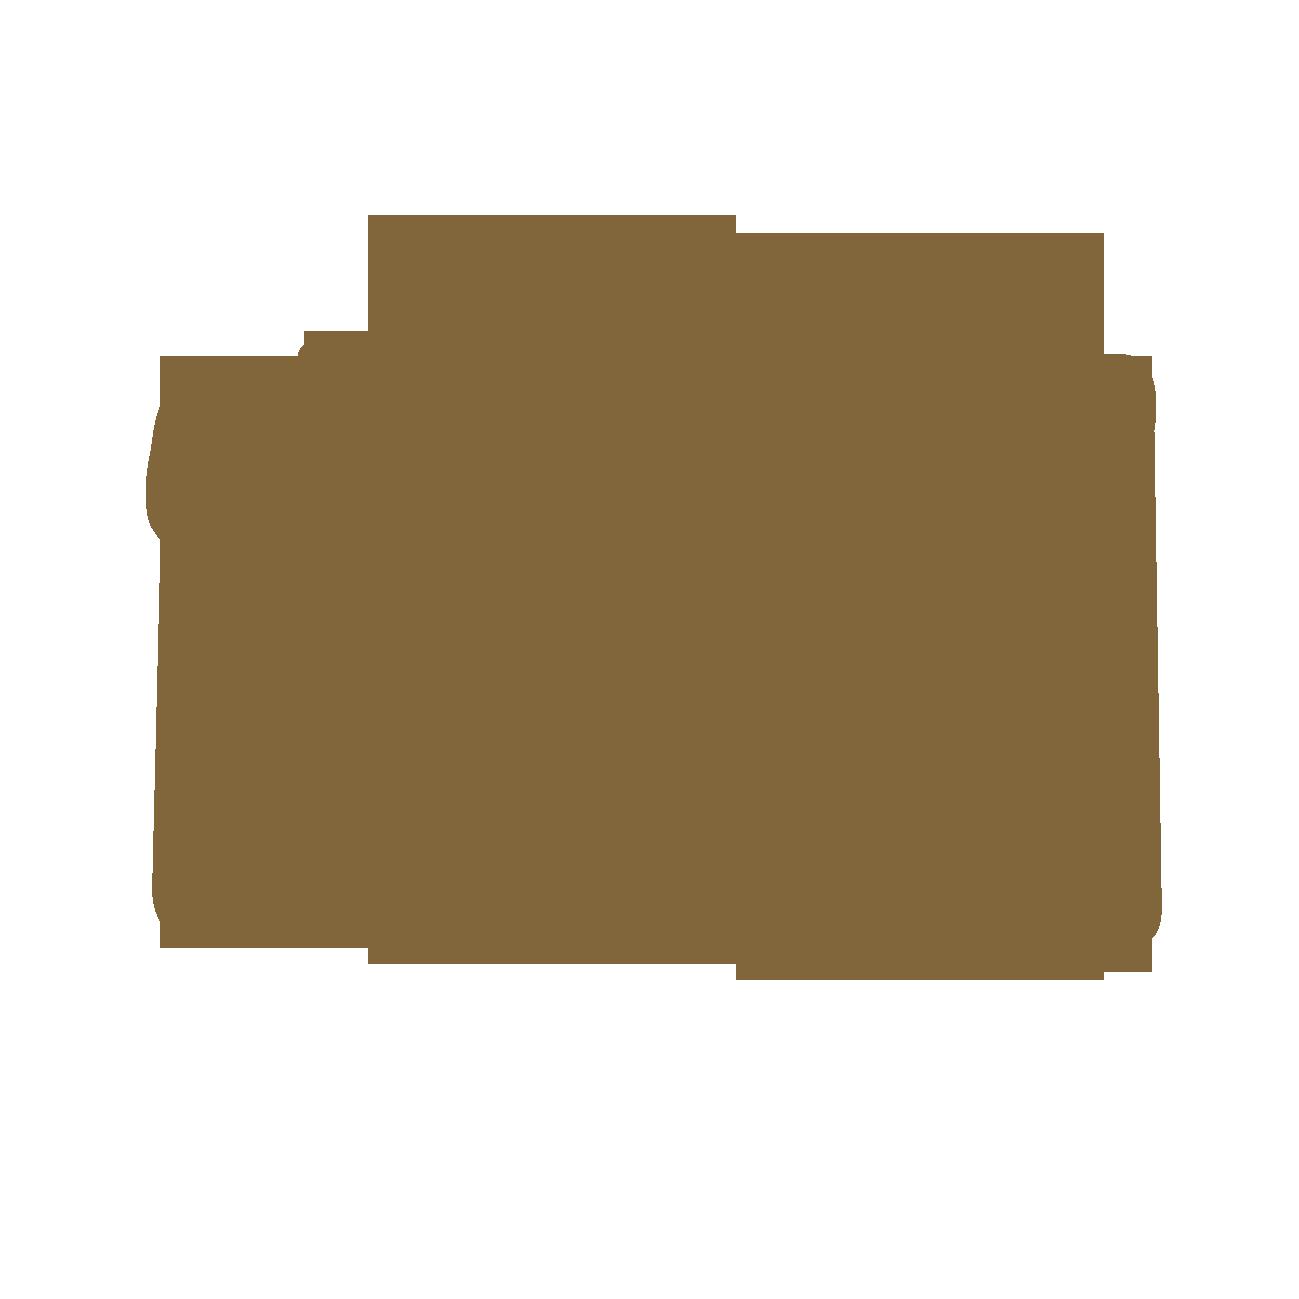 バッグのシルエット